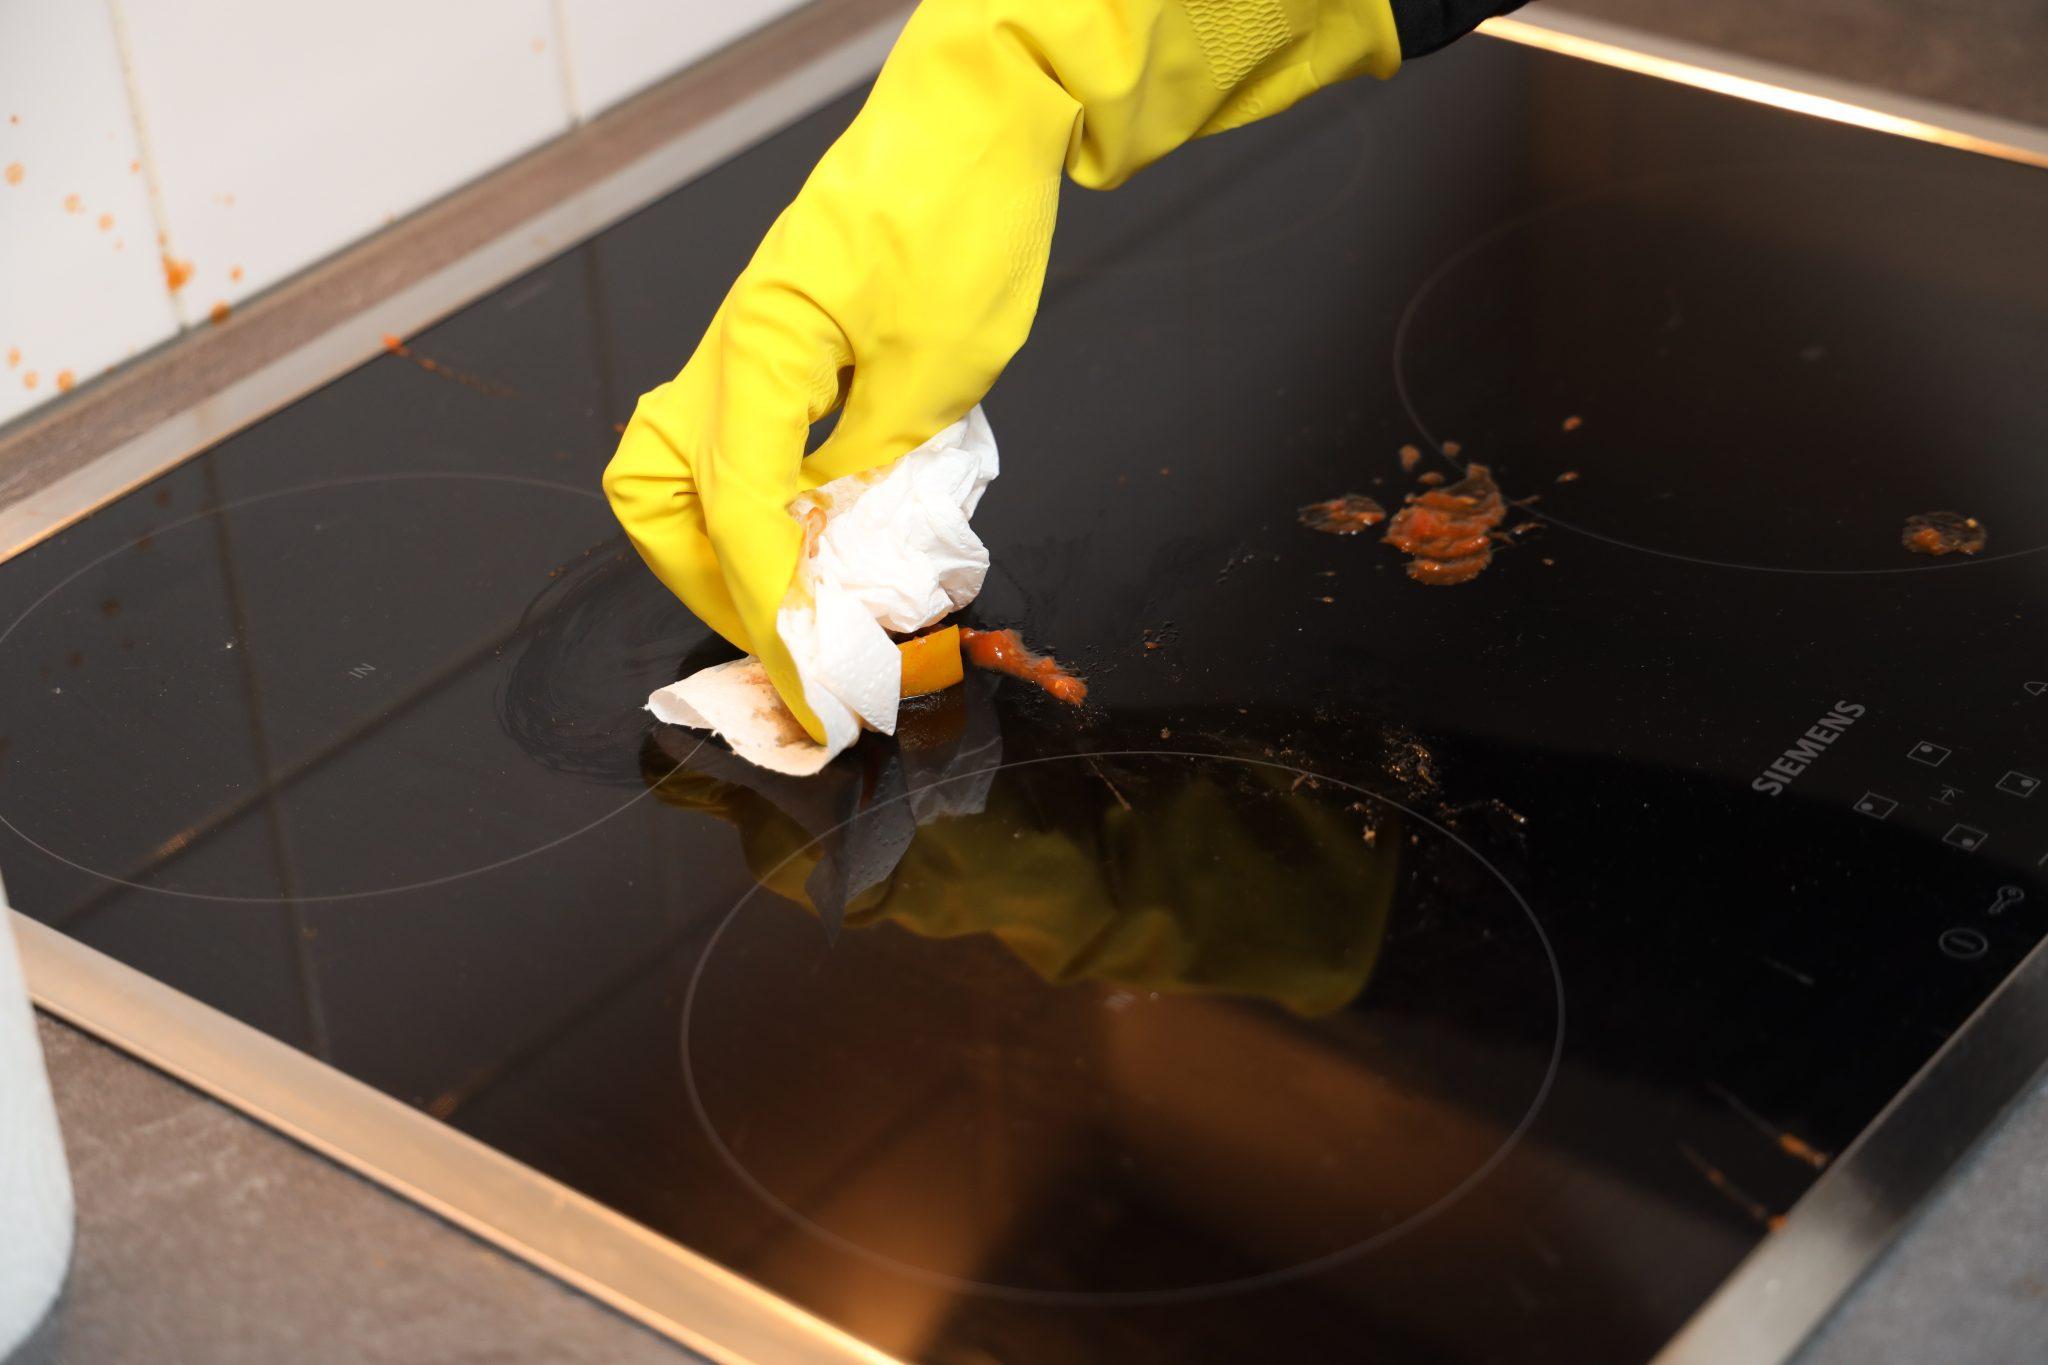 Kookplaat etensresten verwijderen